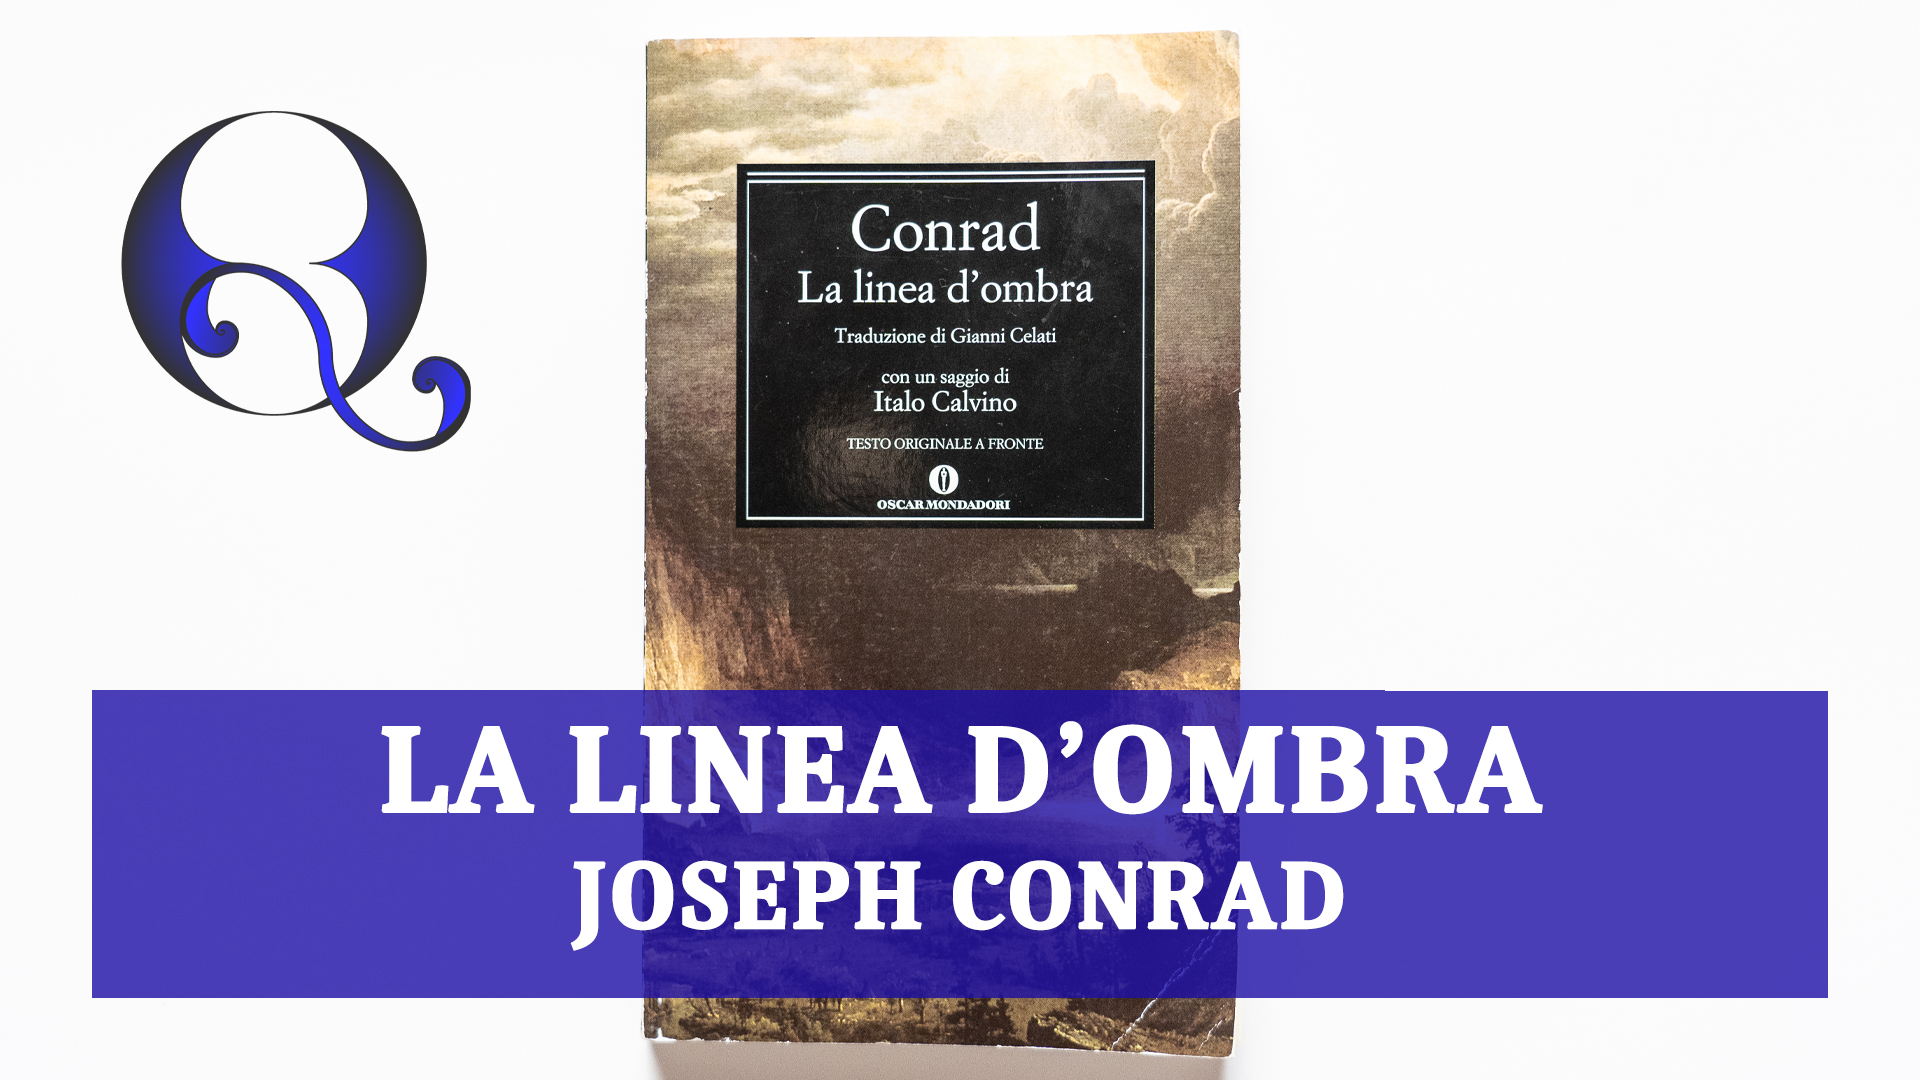 LA LINEA D'OMBRA di JOSEPH CONRAD: riassunto libro